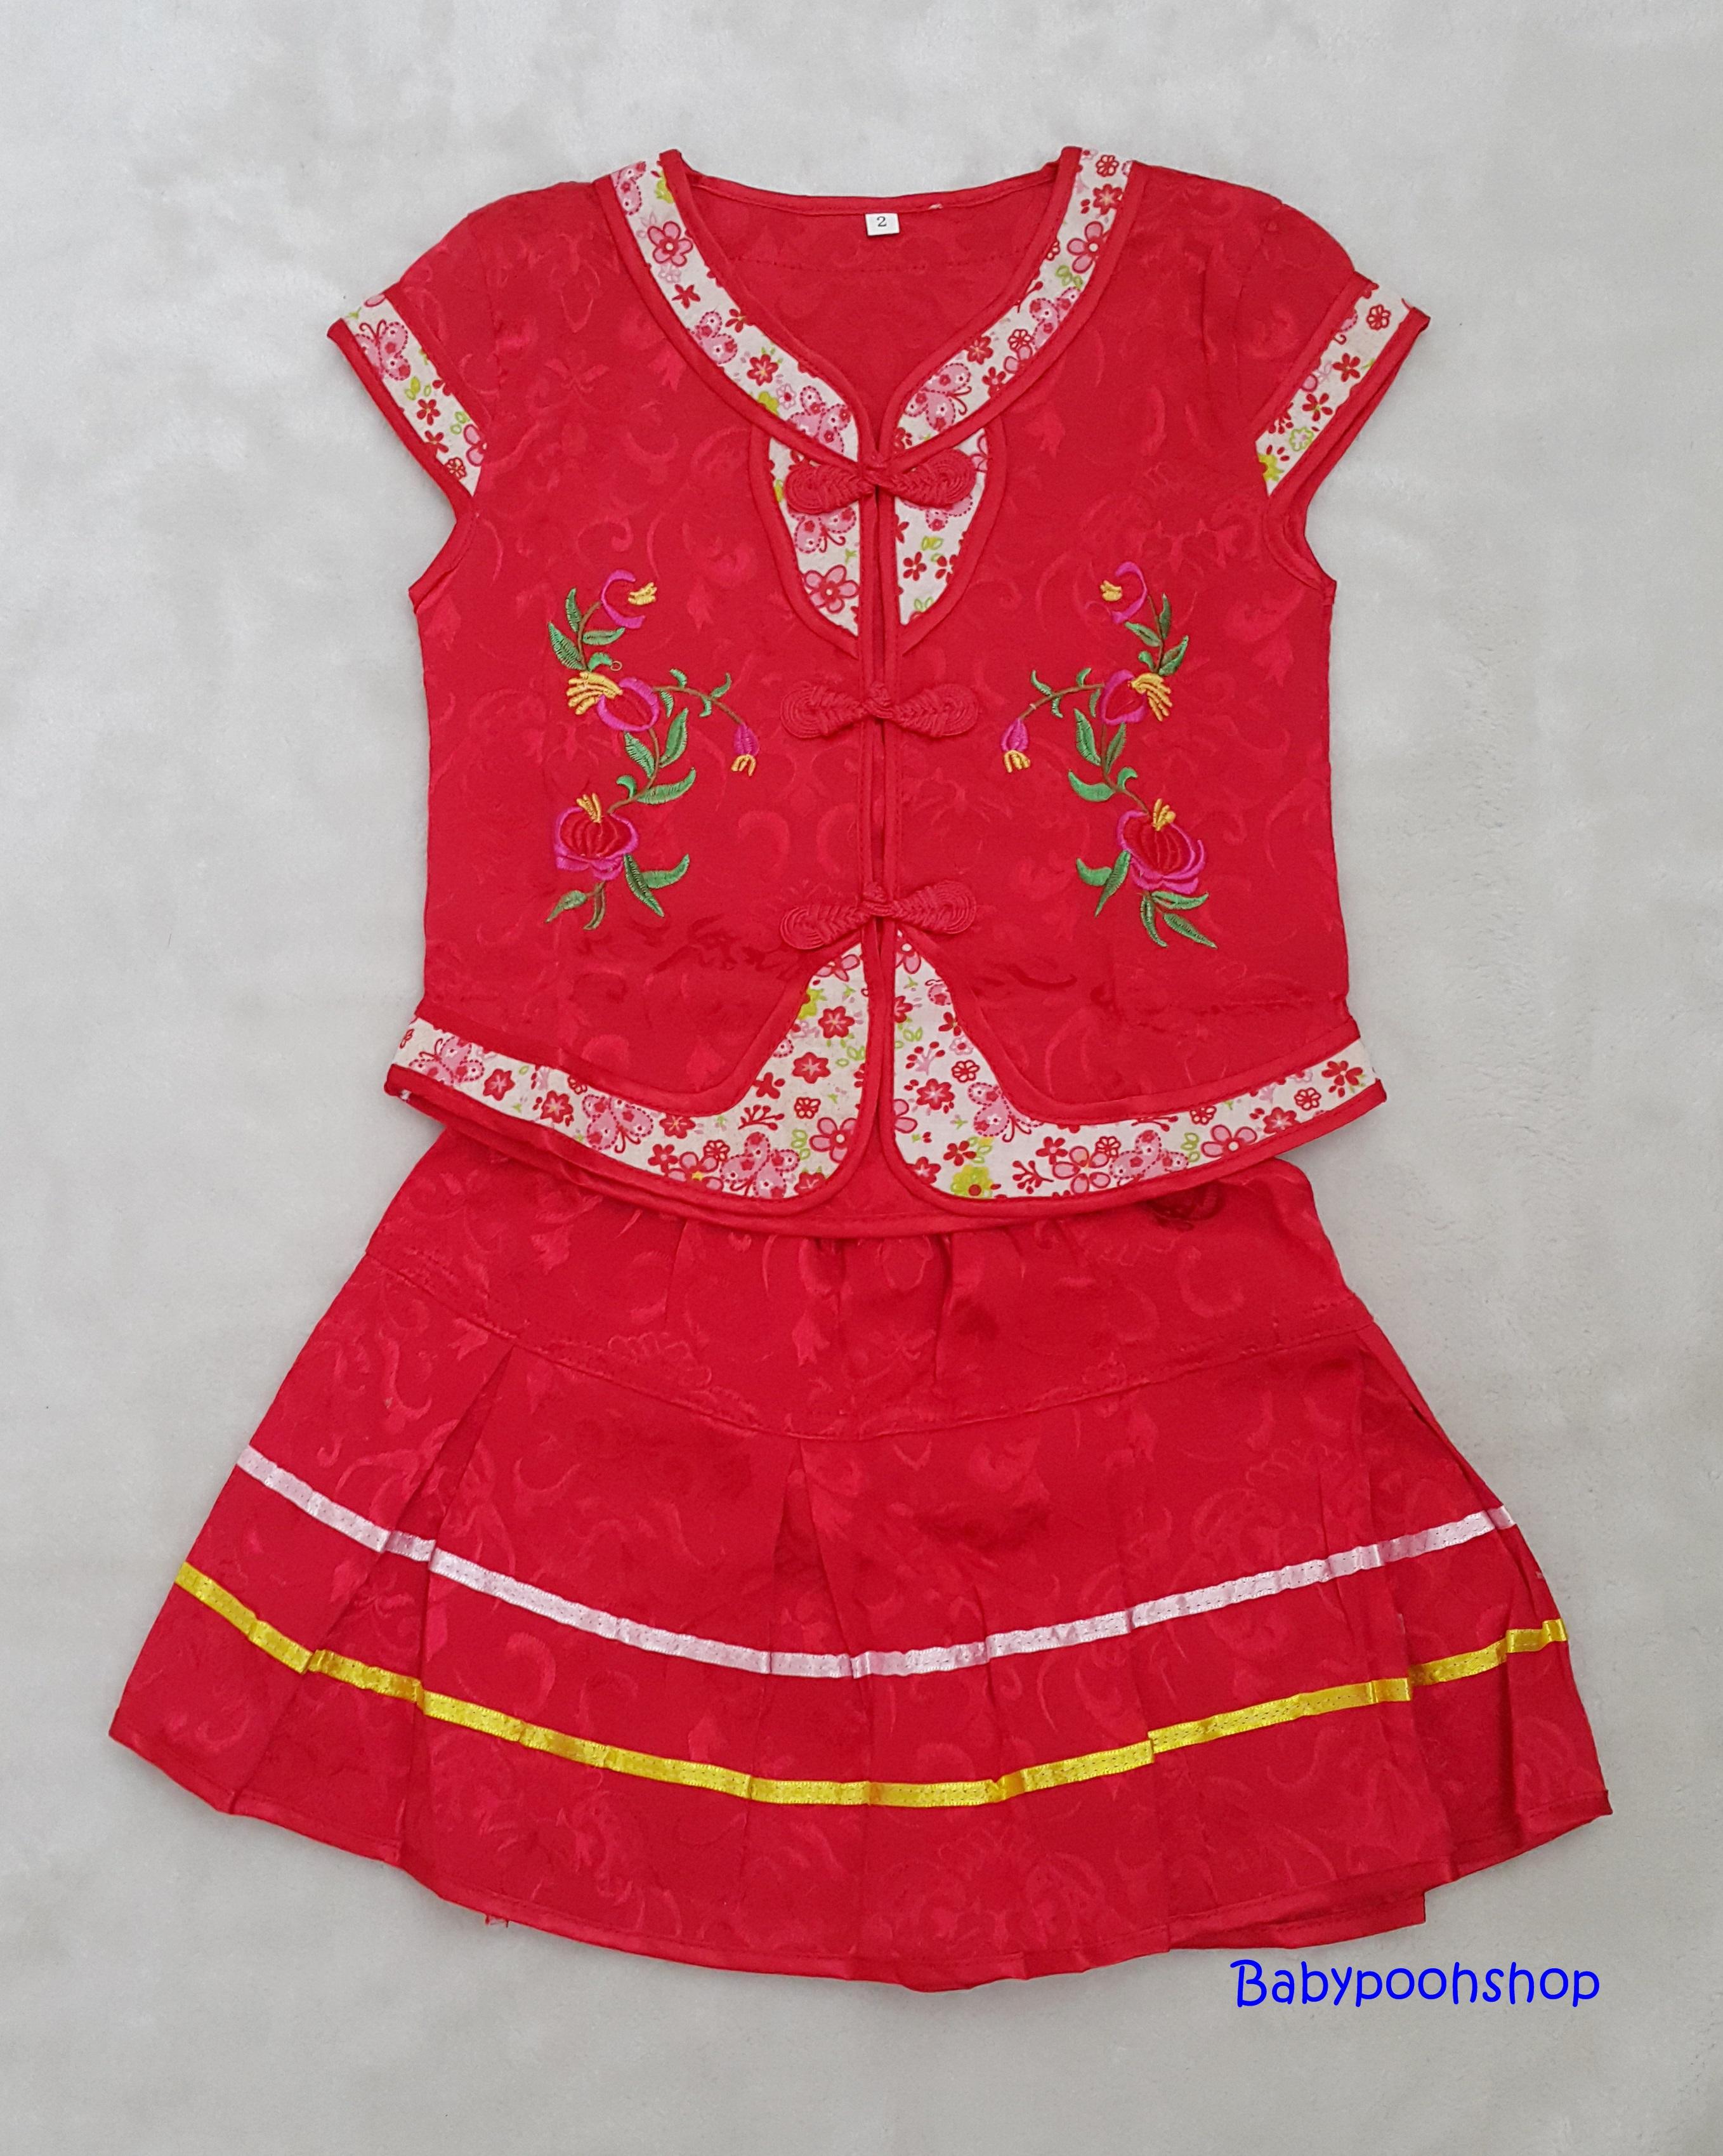 set เสื้อ+กระโปรง ลายดอกไม้จีน size : 2 ( 2-3y )